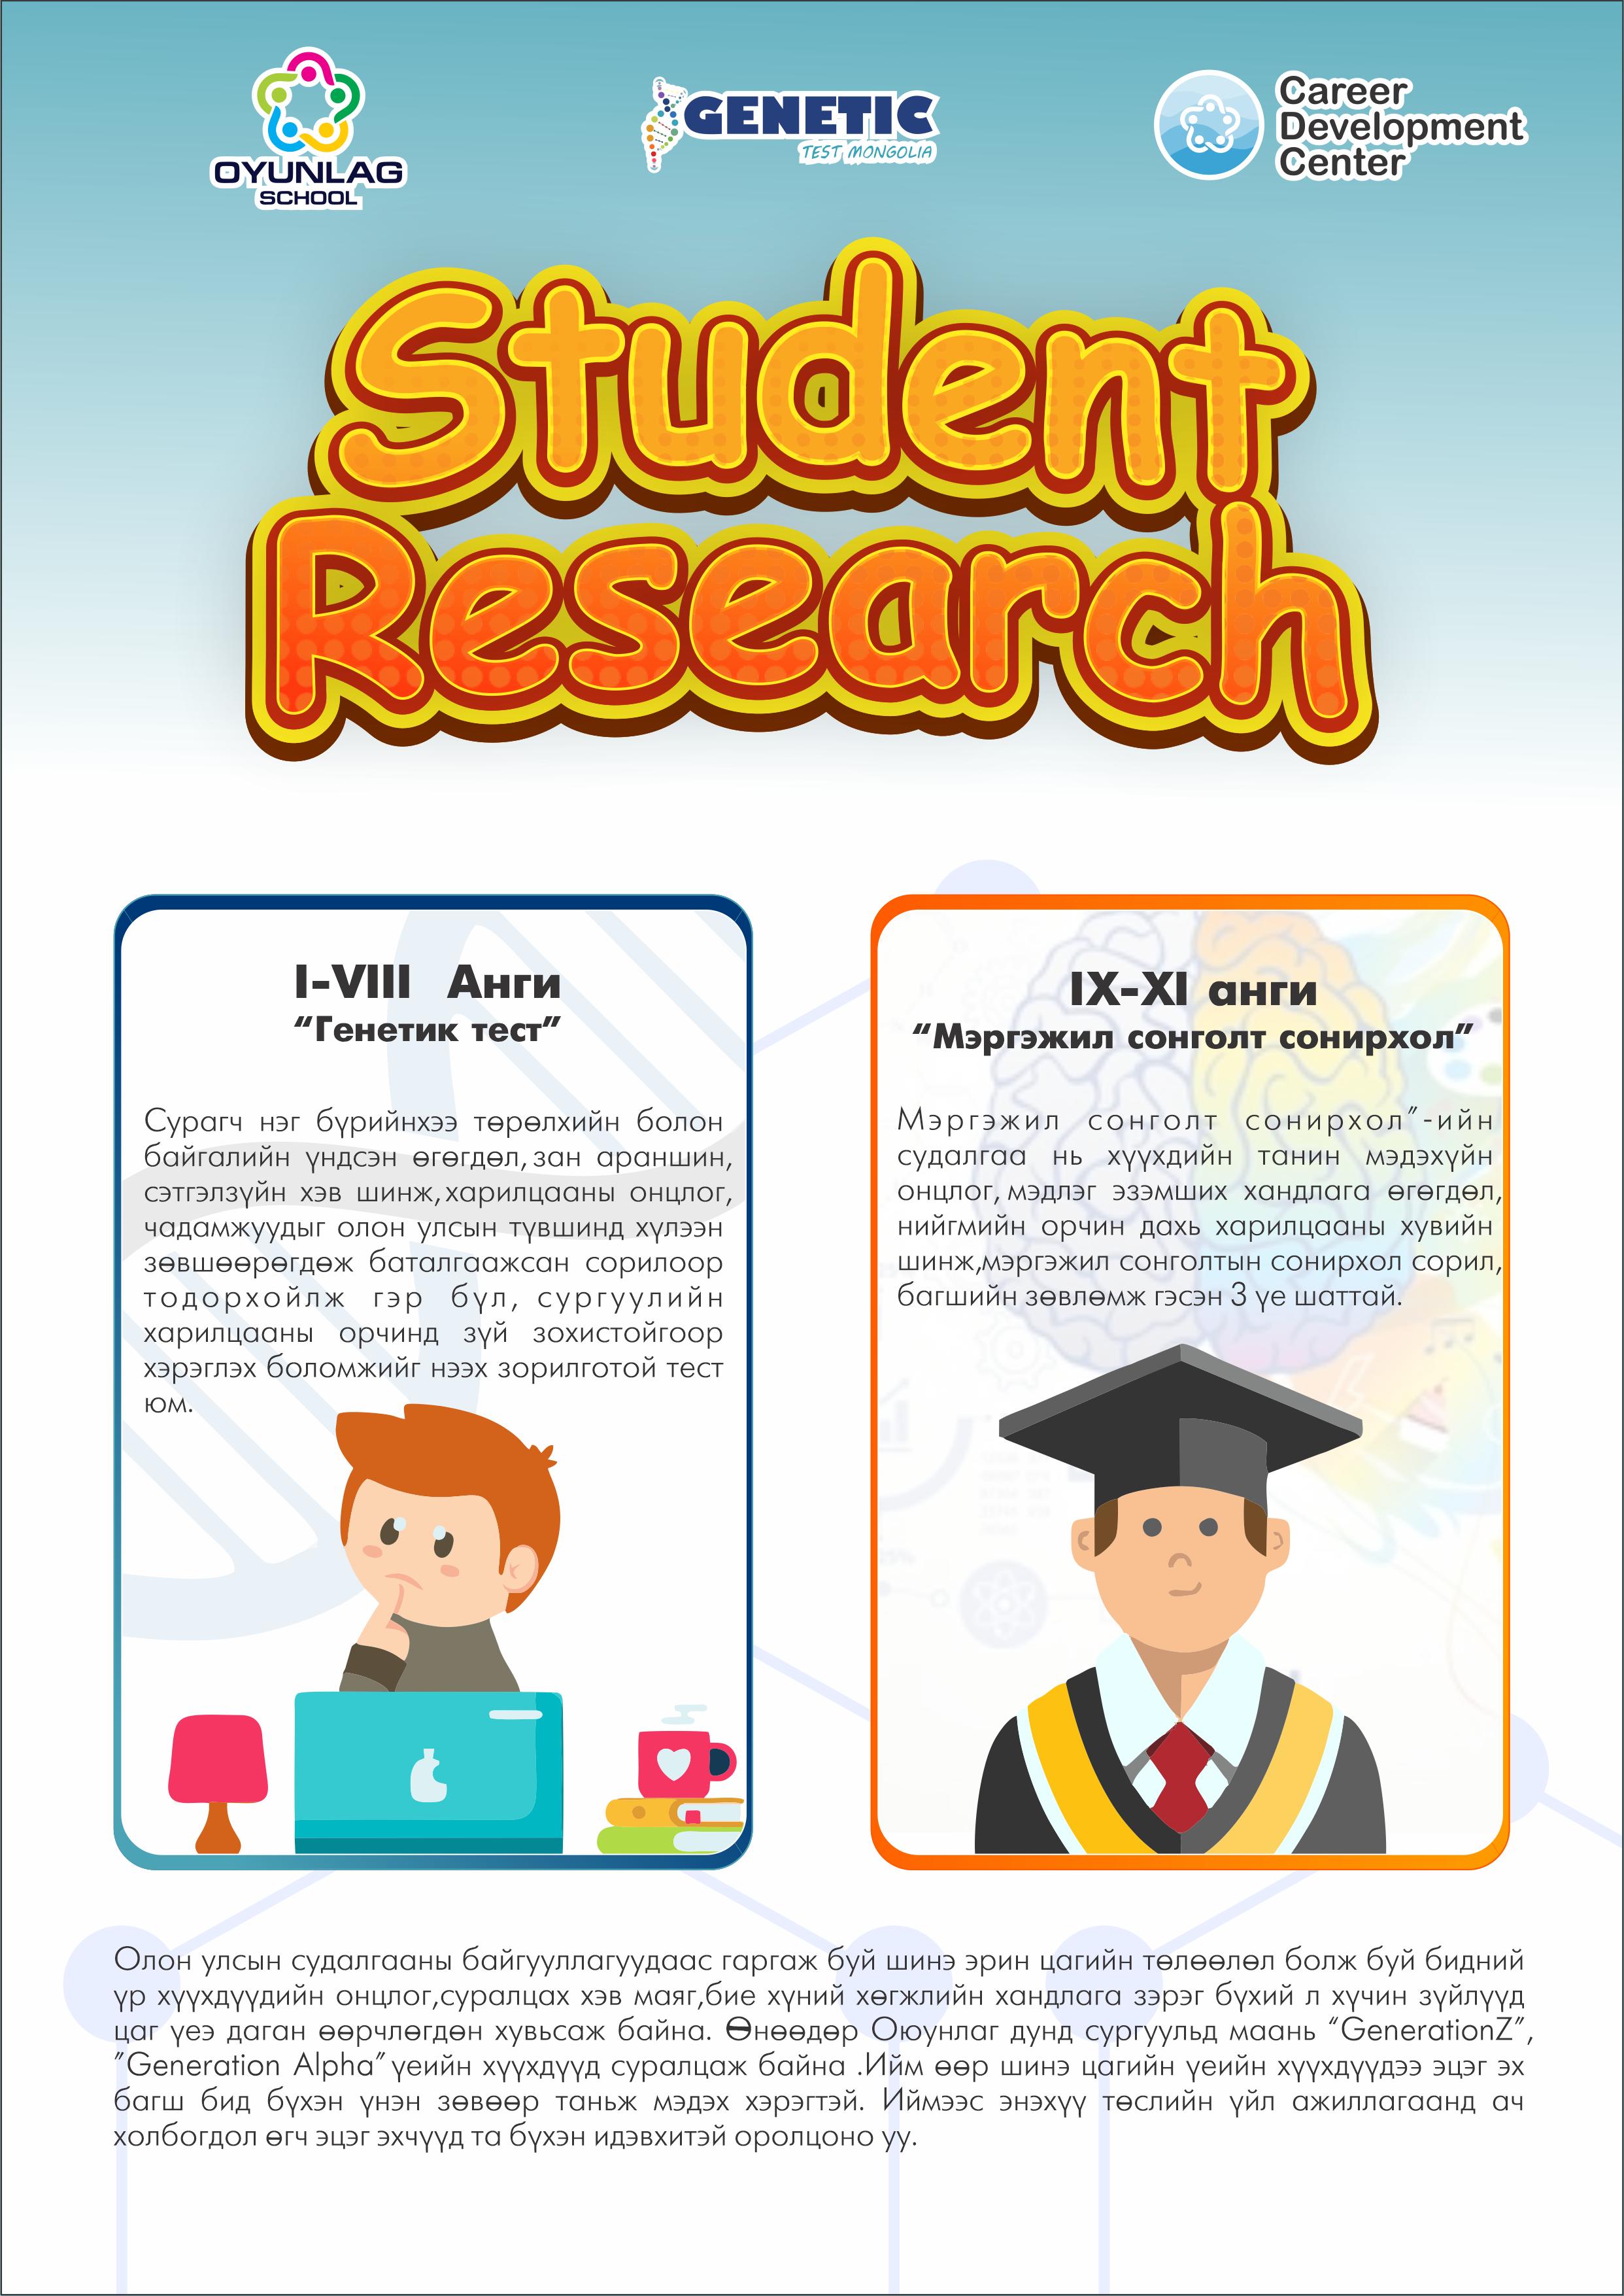 Oyunlag school – Student research төсөл амжилттай үргэлжилж байна